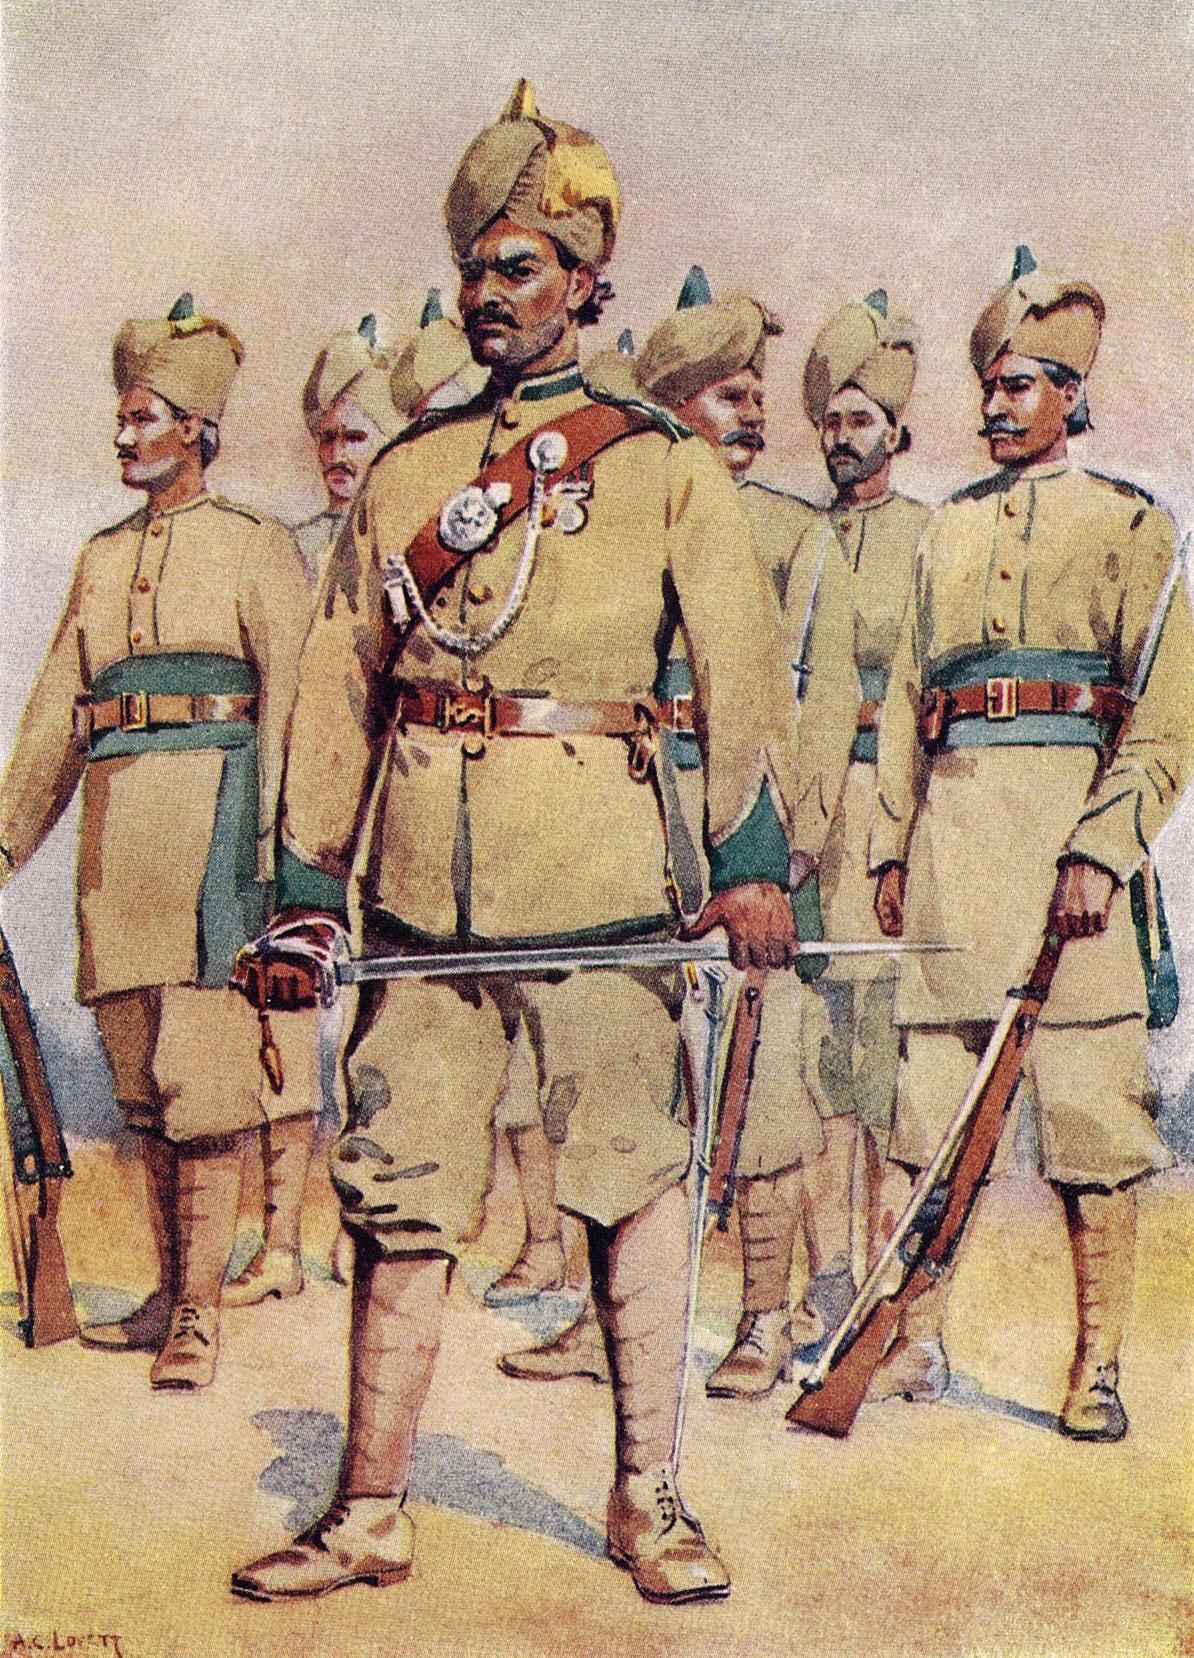 free 中华帝国晚期的叛乱及其敌人 1796 1864年的军事化与社会结构